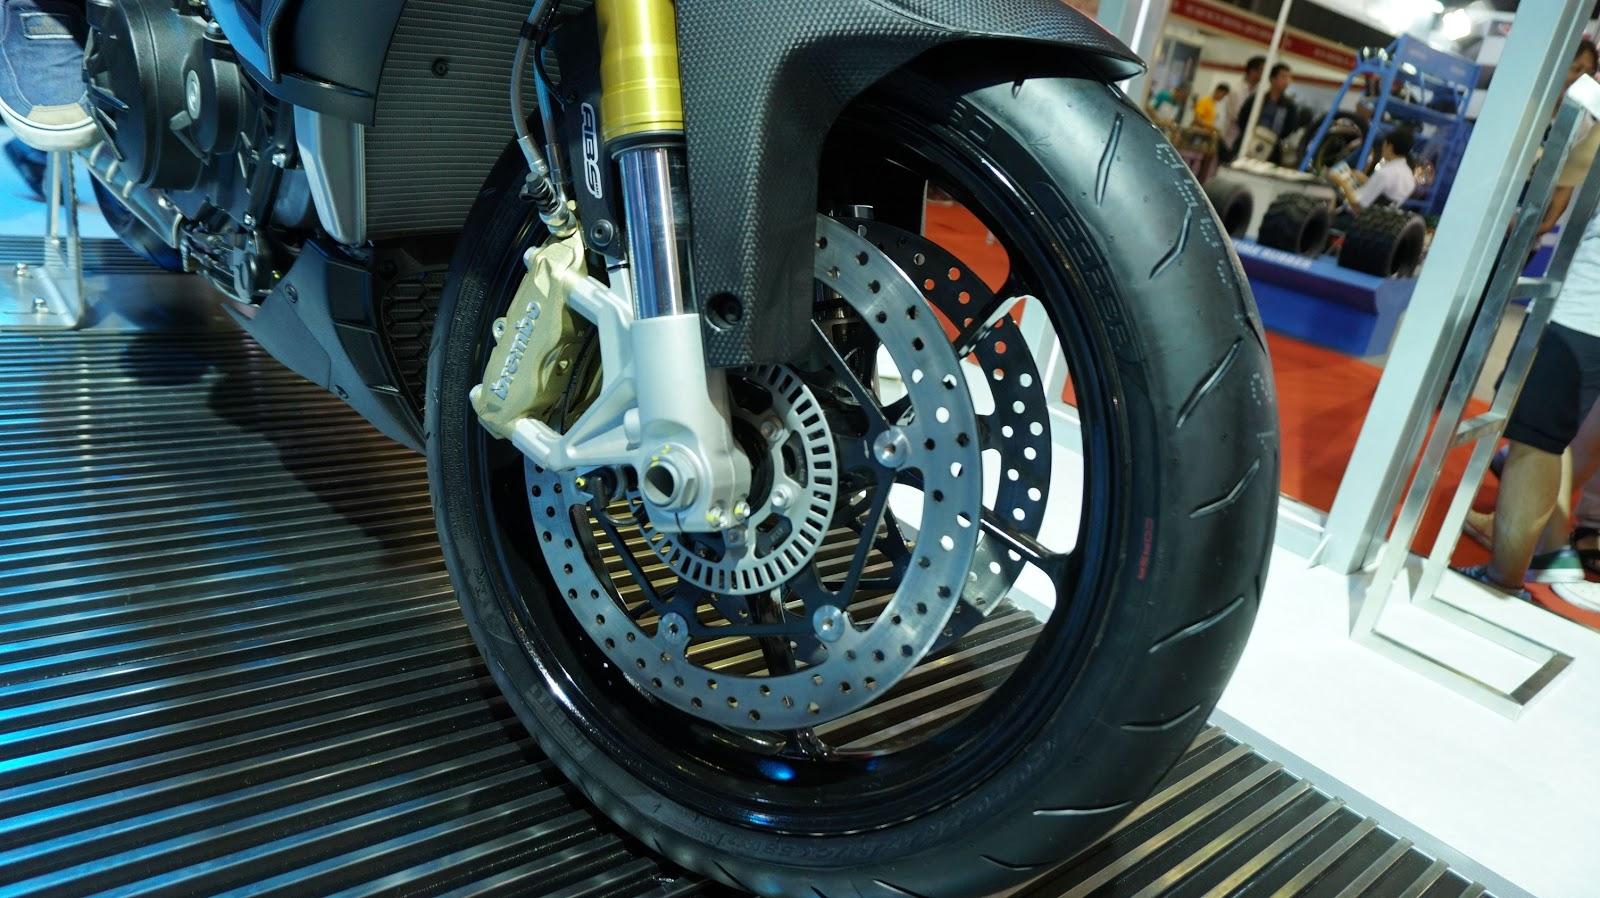 Từ hệ thống giảm xóc, hệ thống phanh ABS, giúp chiếc xe an toàn và êm ái hơn